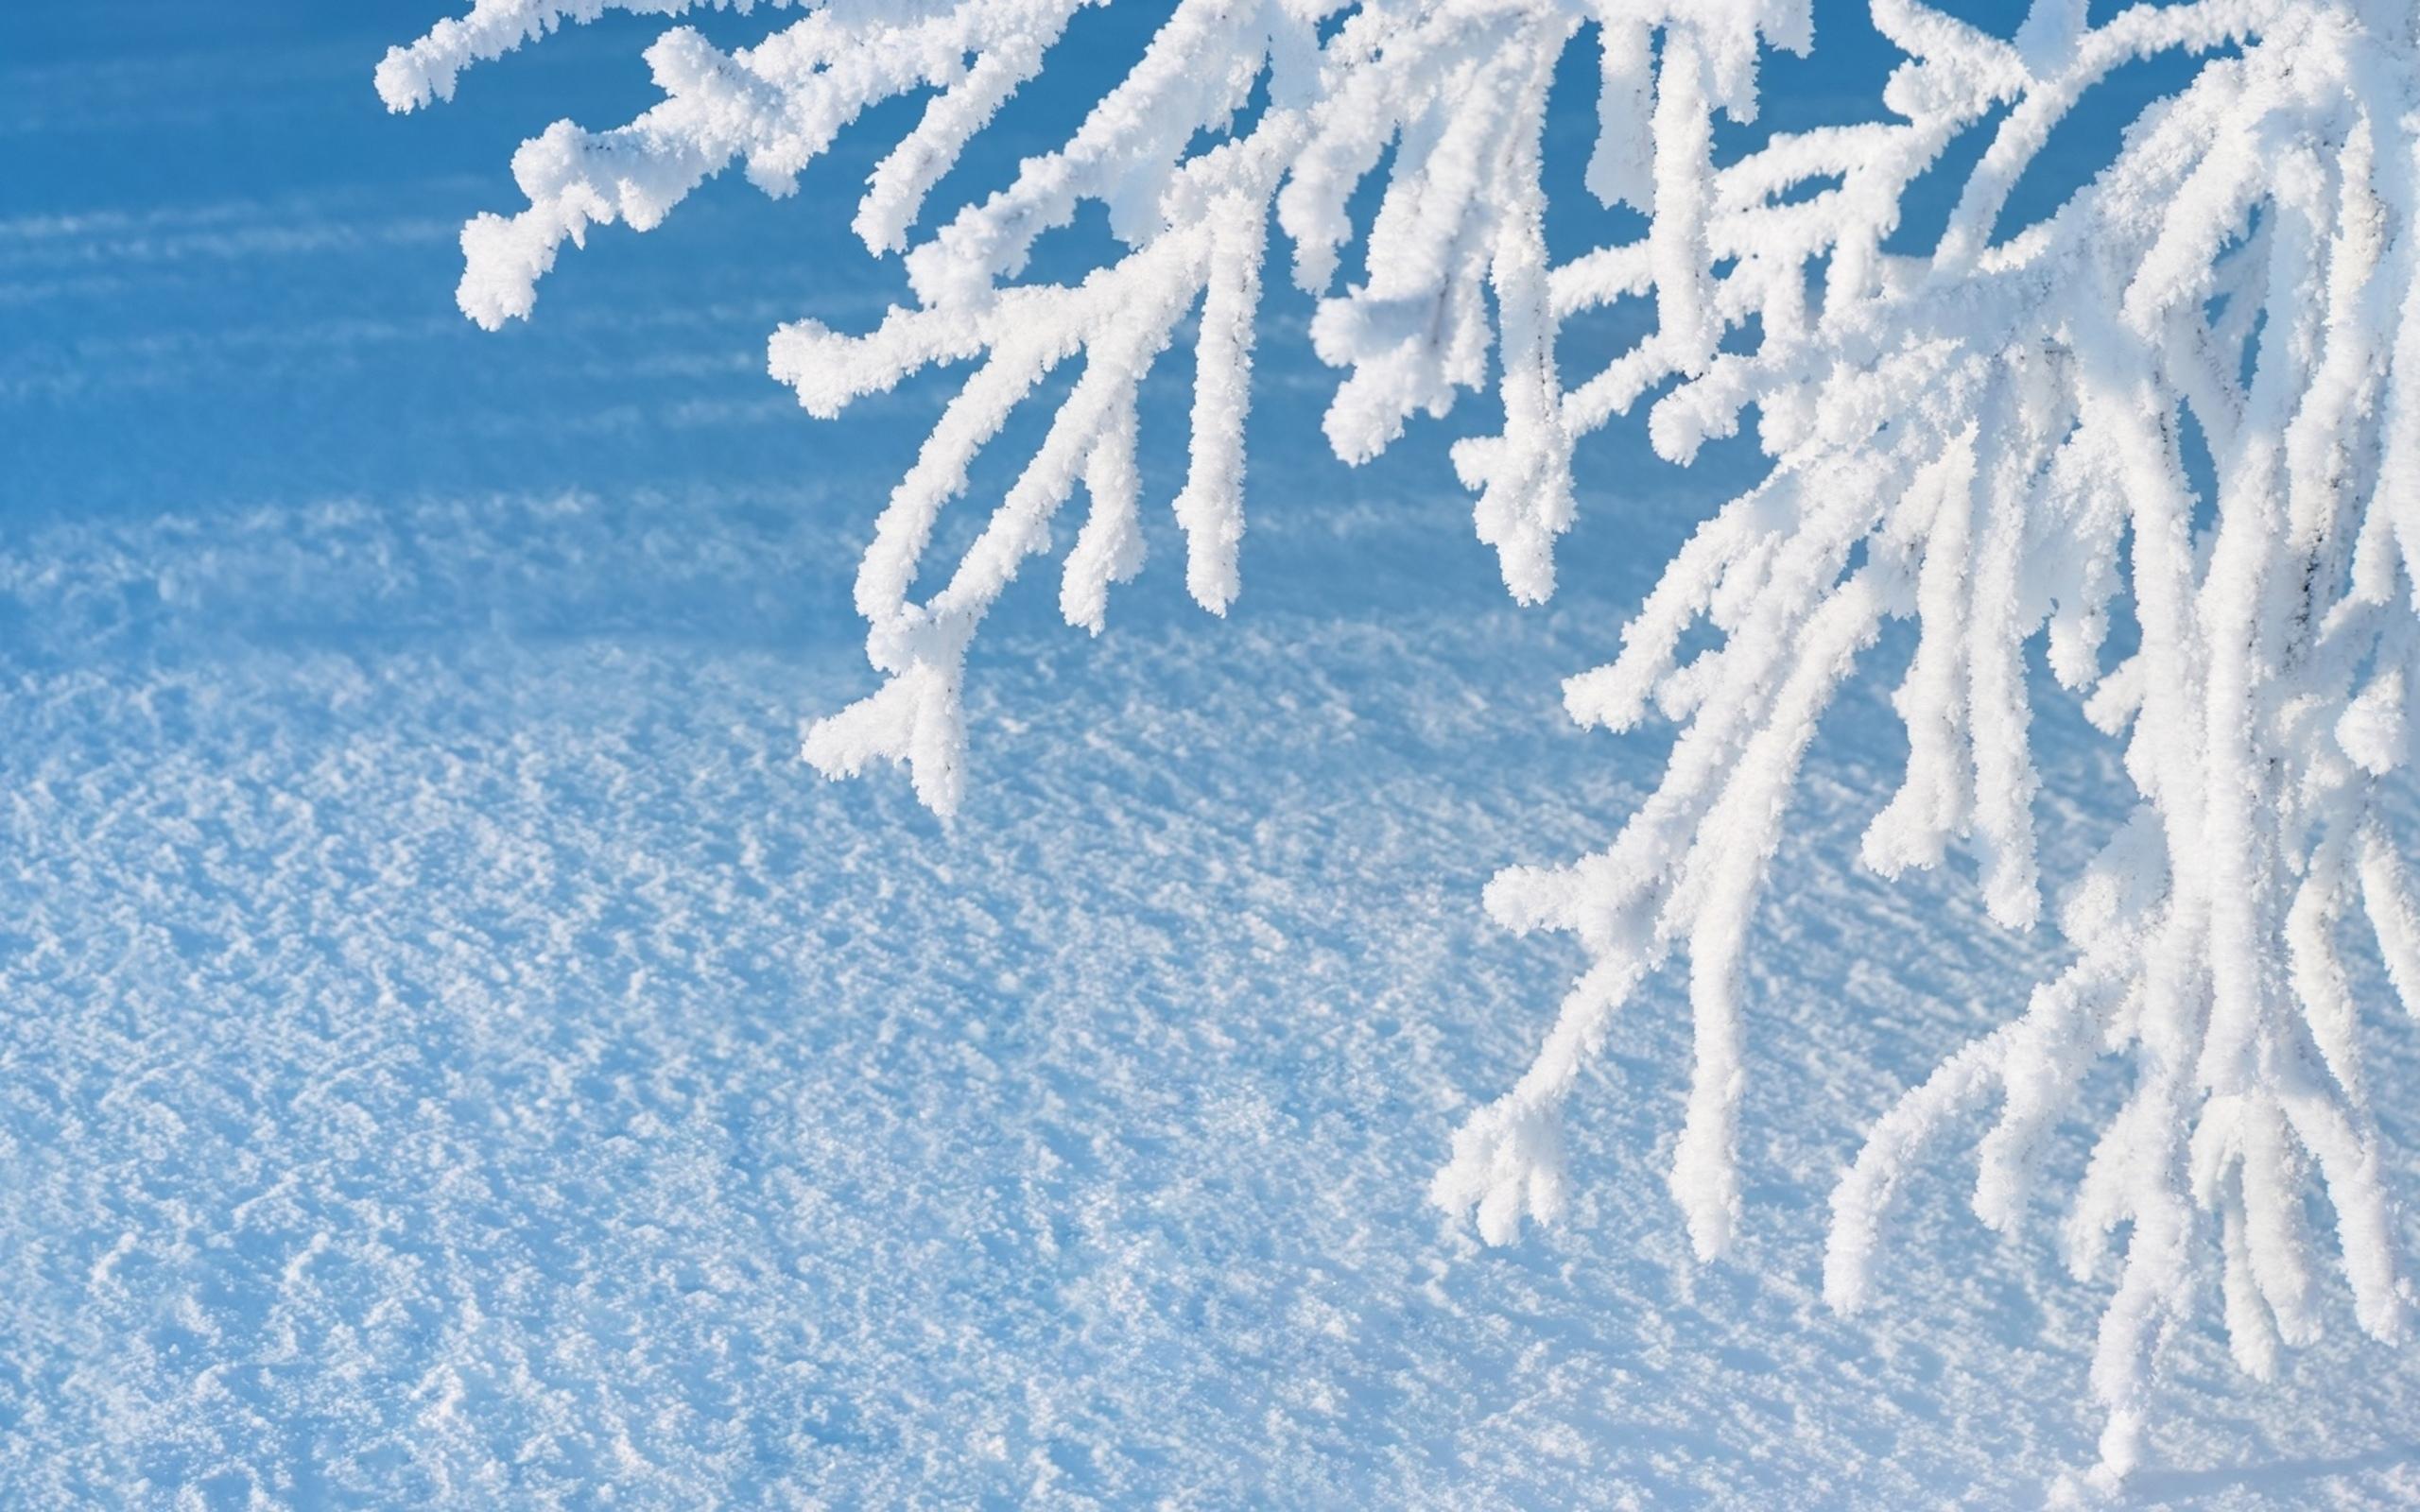 снег иней зима snow frost winter скачать